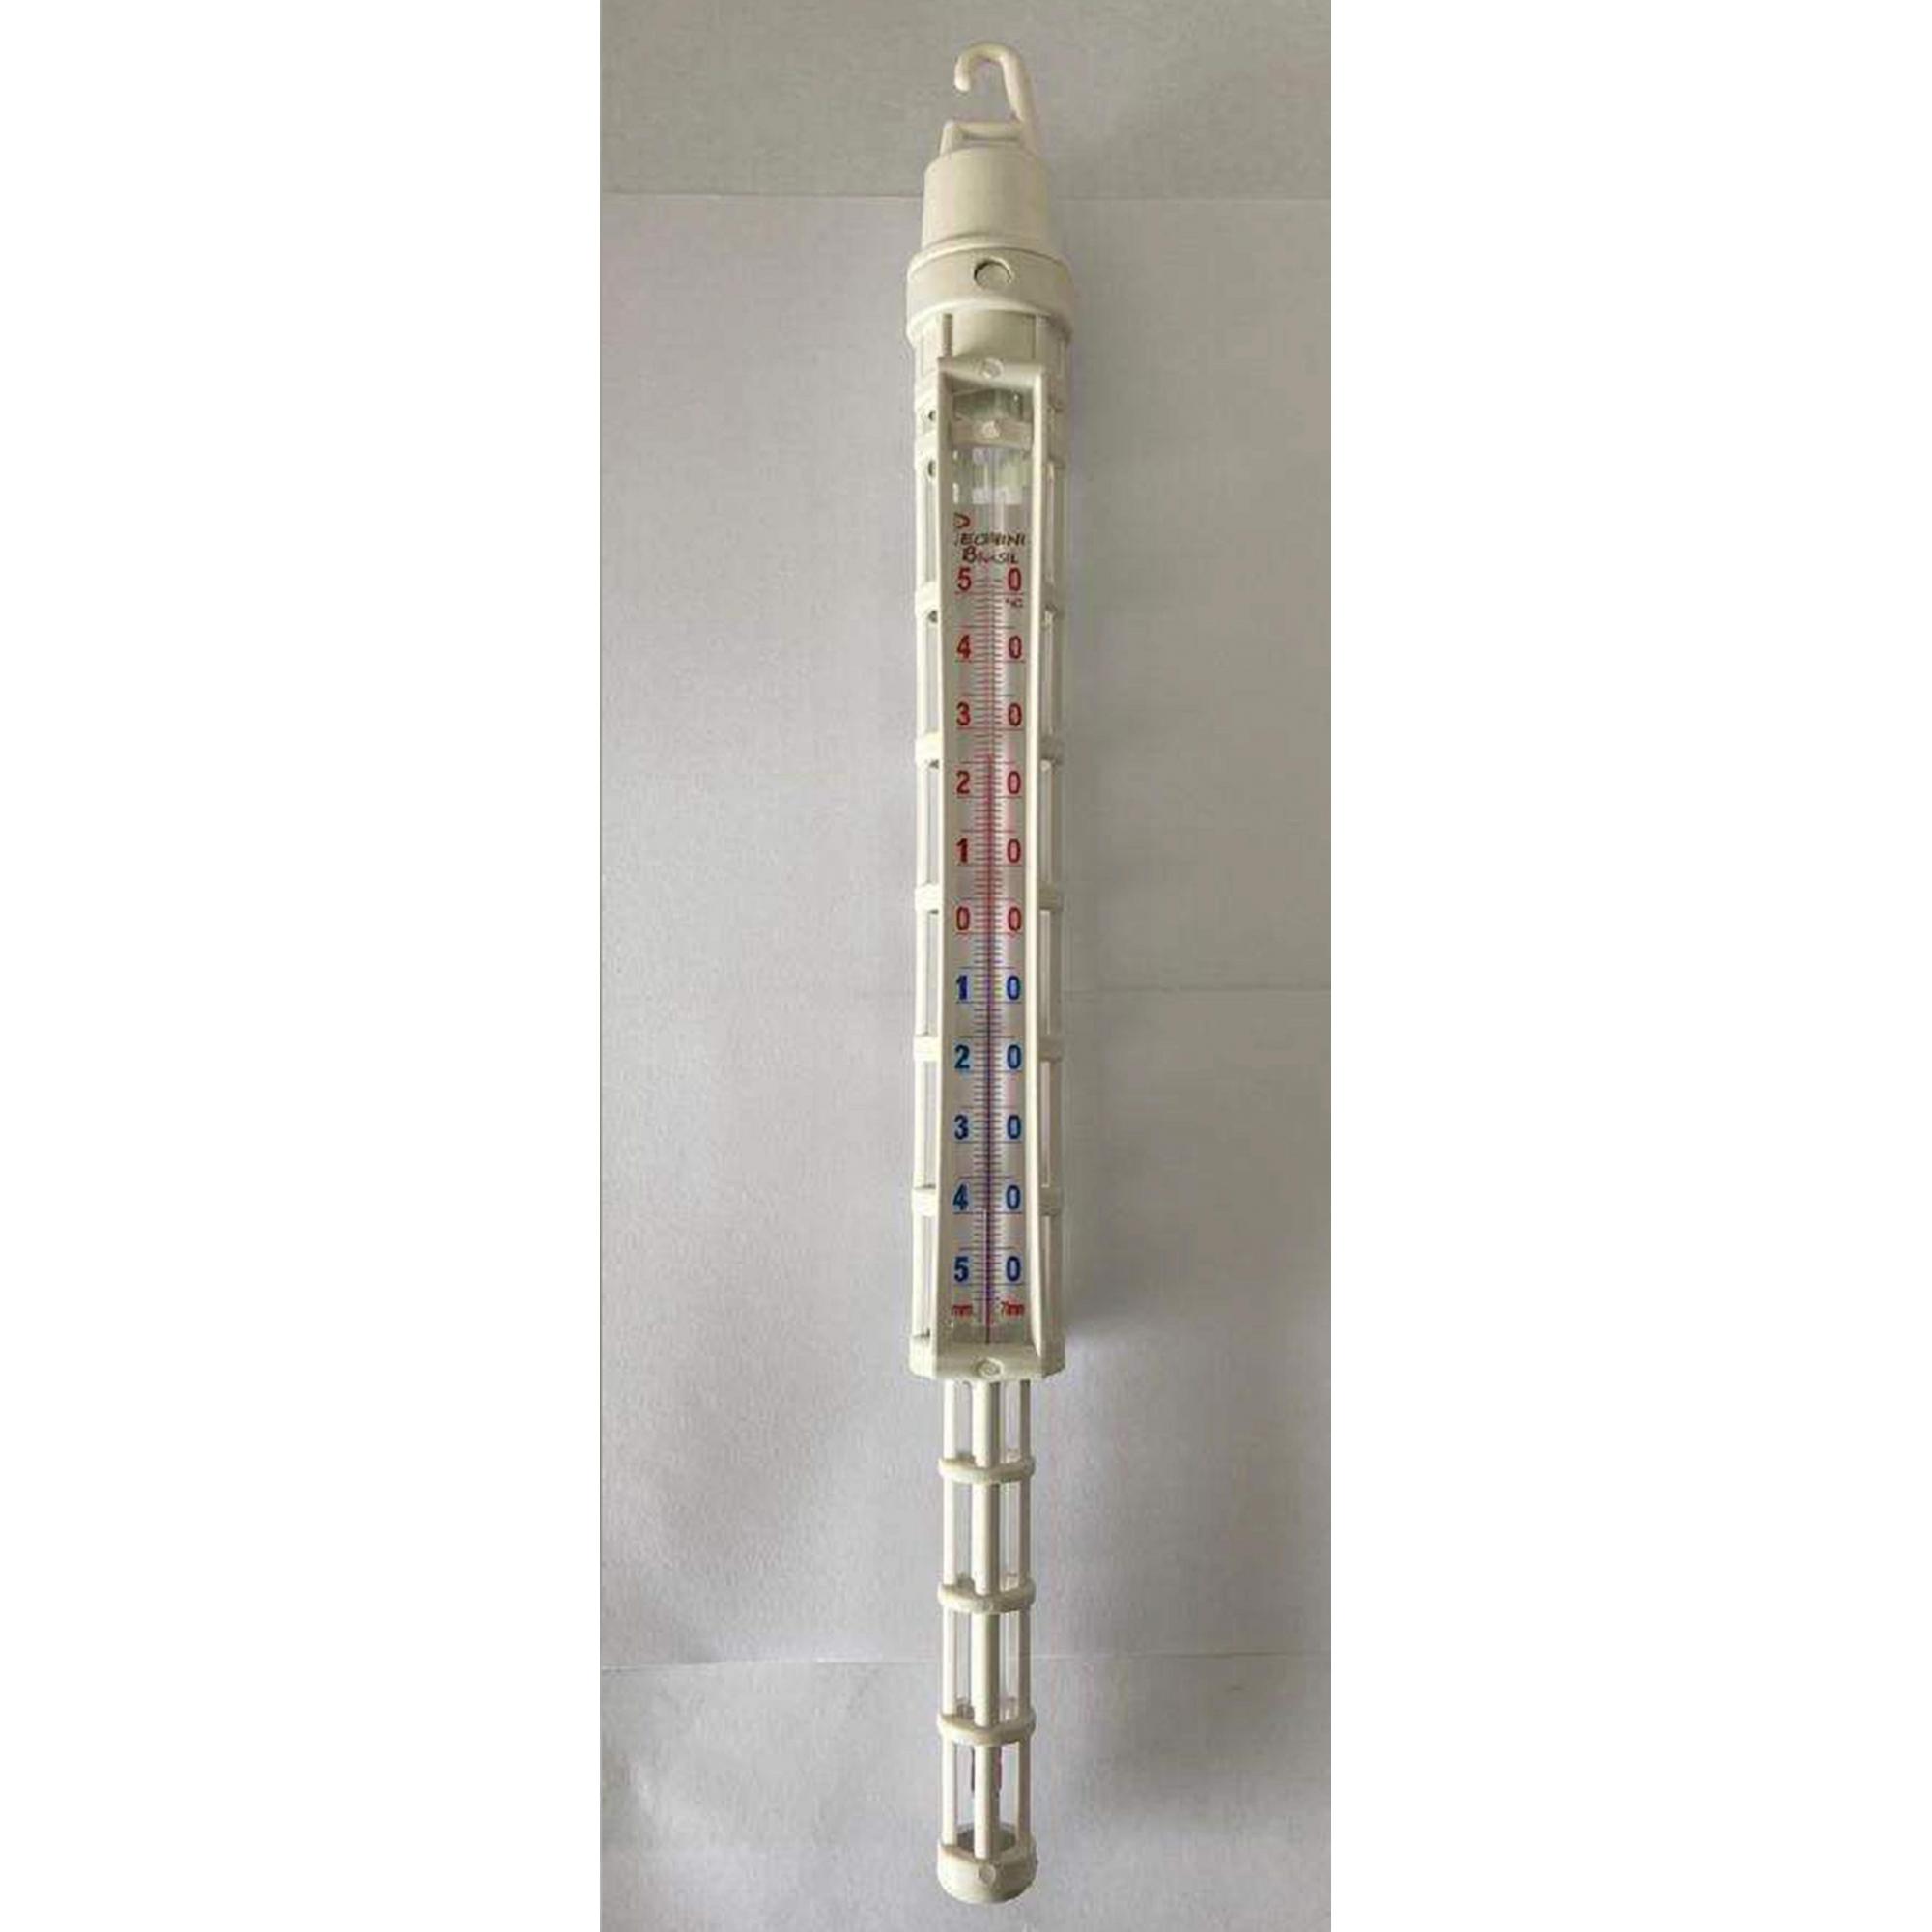 TERMÔMETRO ANALÓGICO PARA (REFRIGERAÇÃO/LATICÍNIOS) - COM HASTE  0 a 140°C - Laborglas - Cód. 9713103